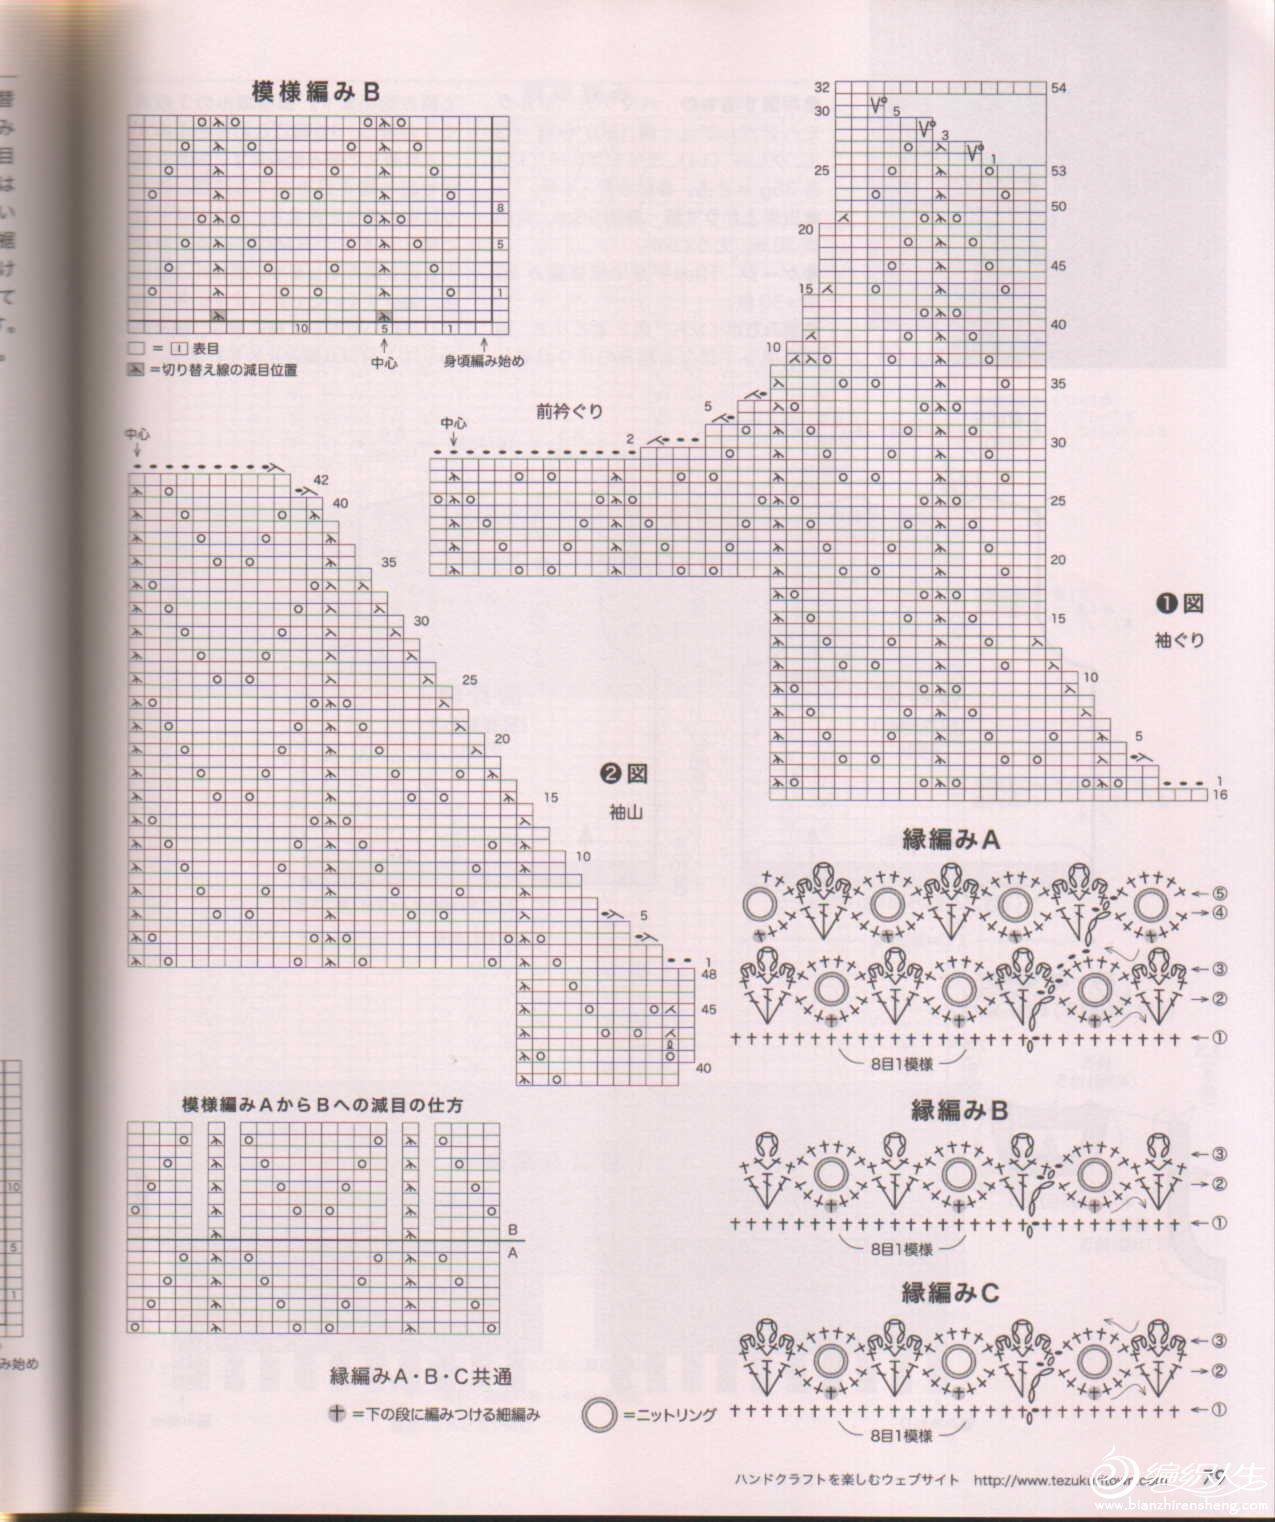 43 (3).jpg